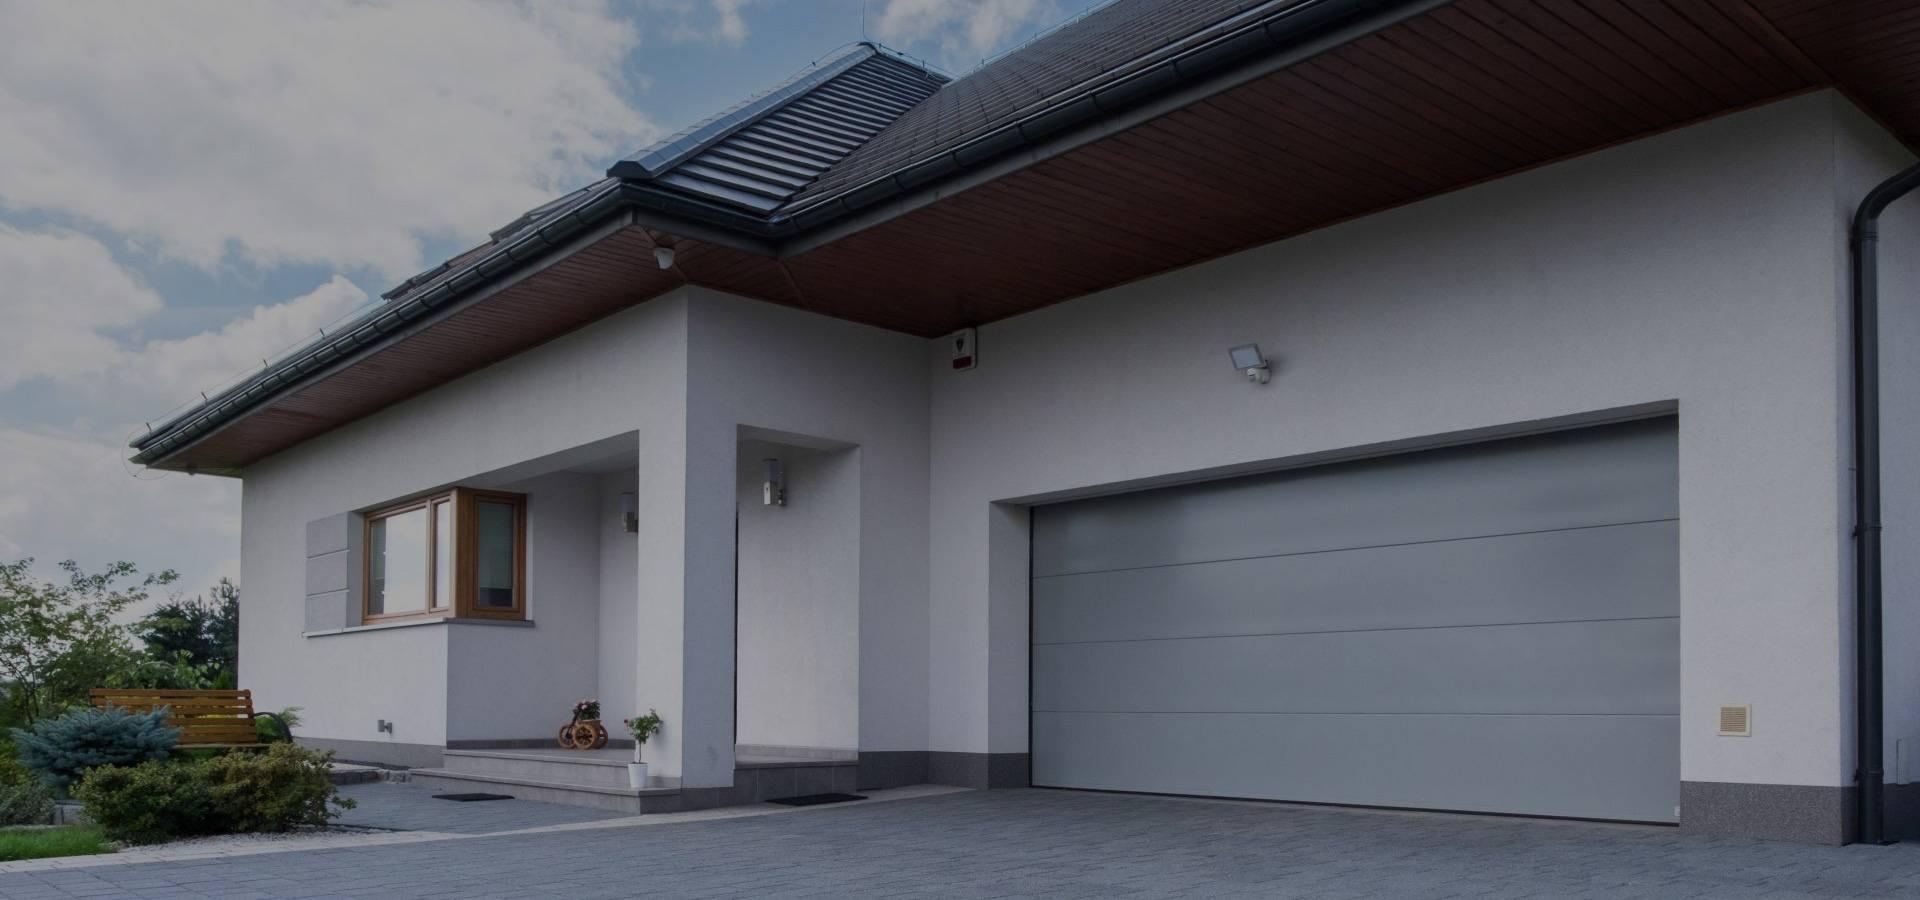 Bramy garażowe oferowane przez Rojax